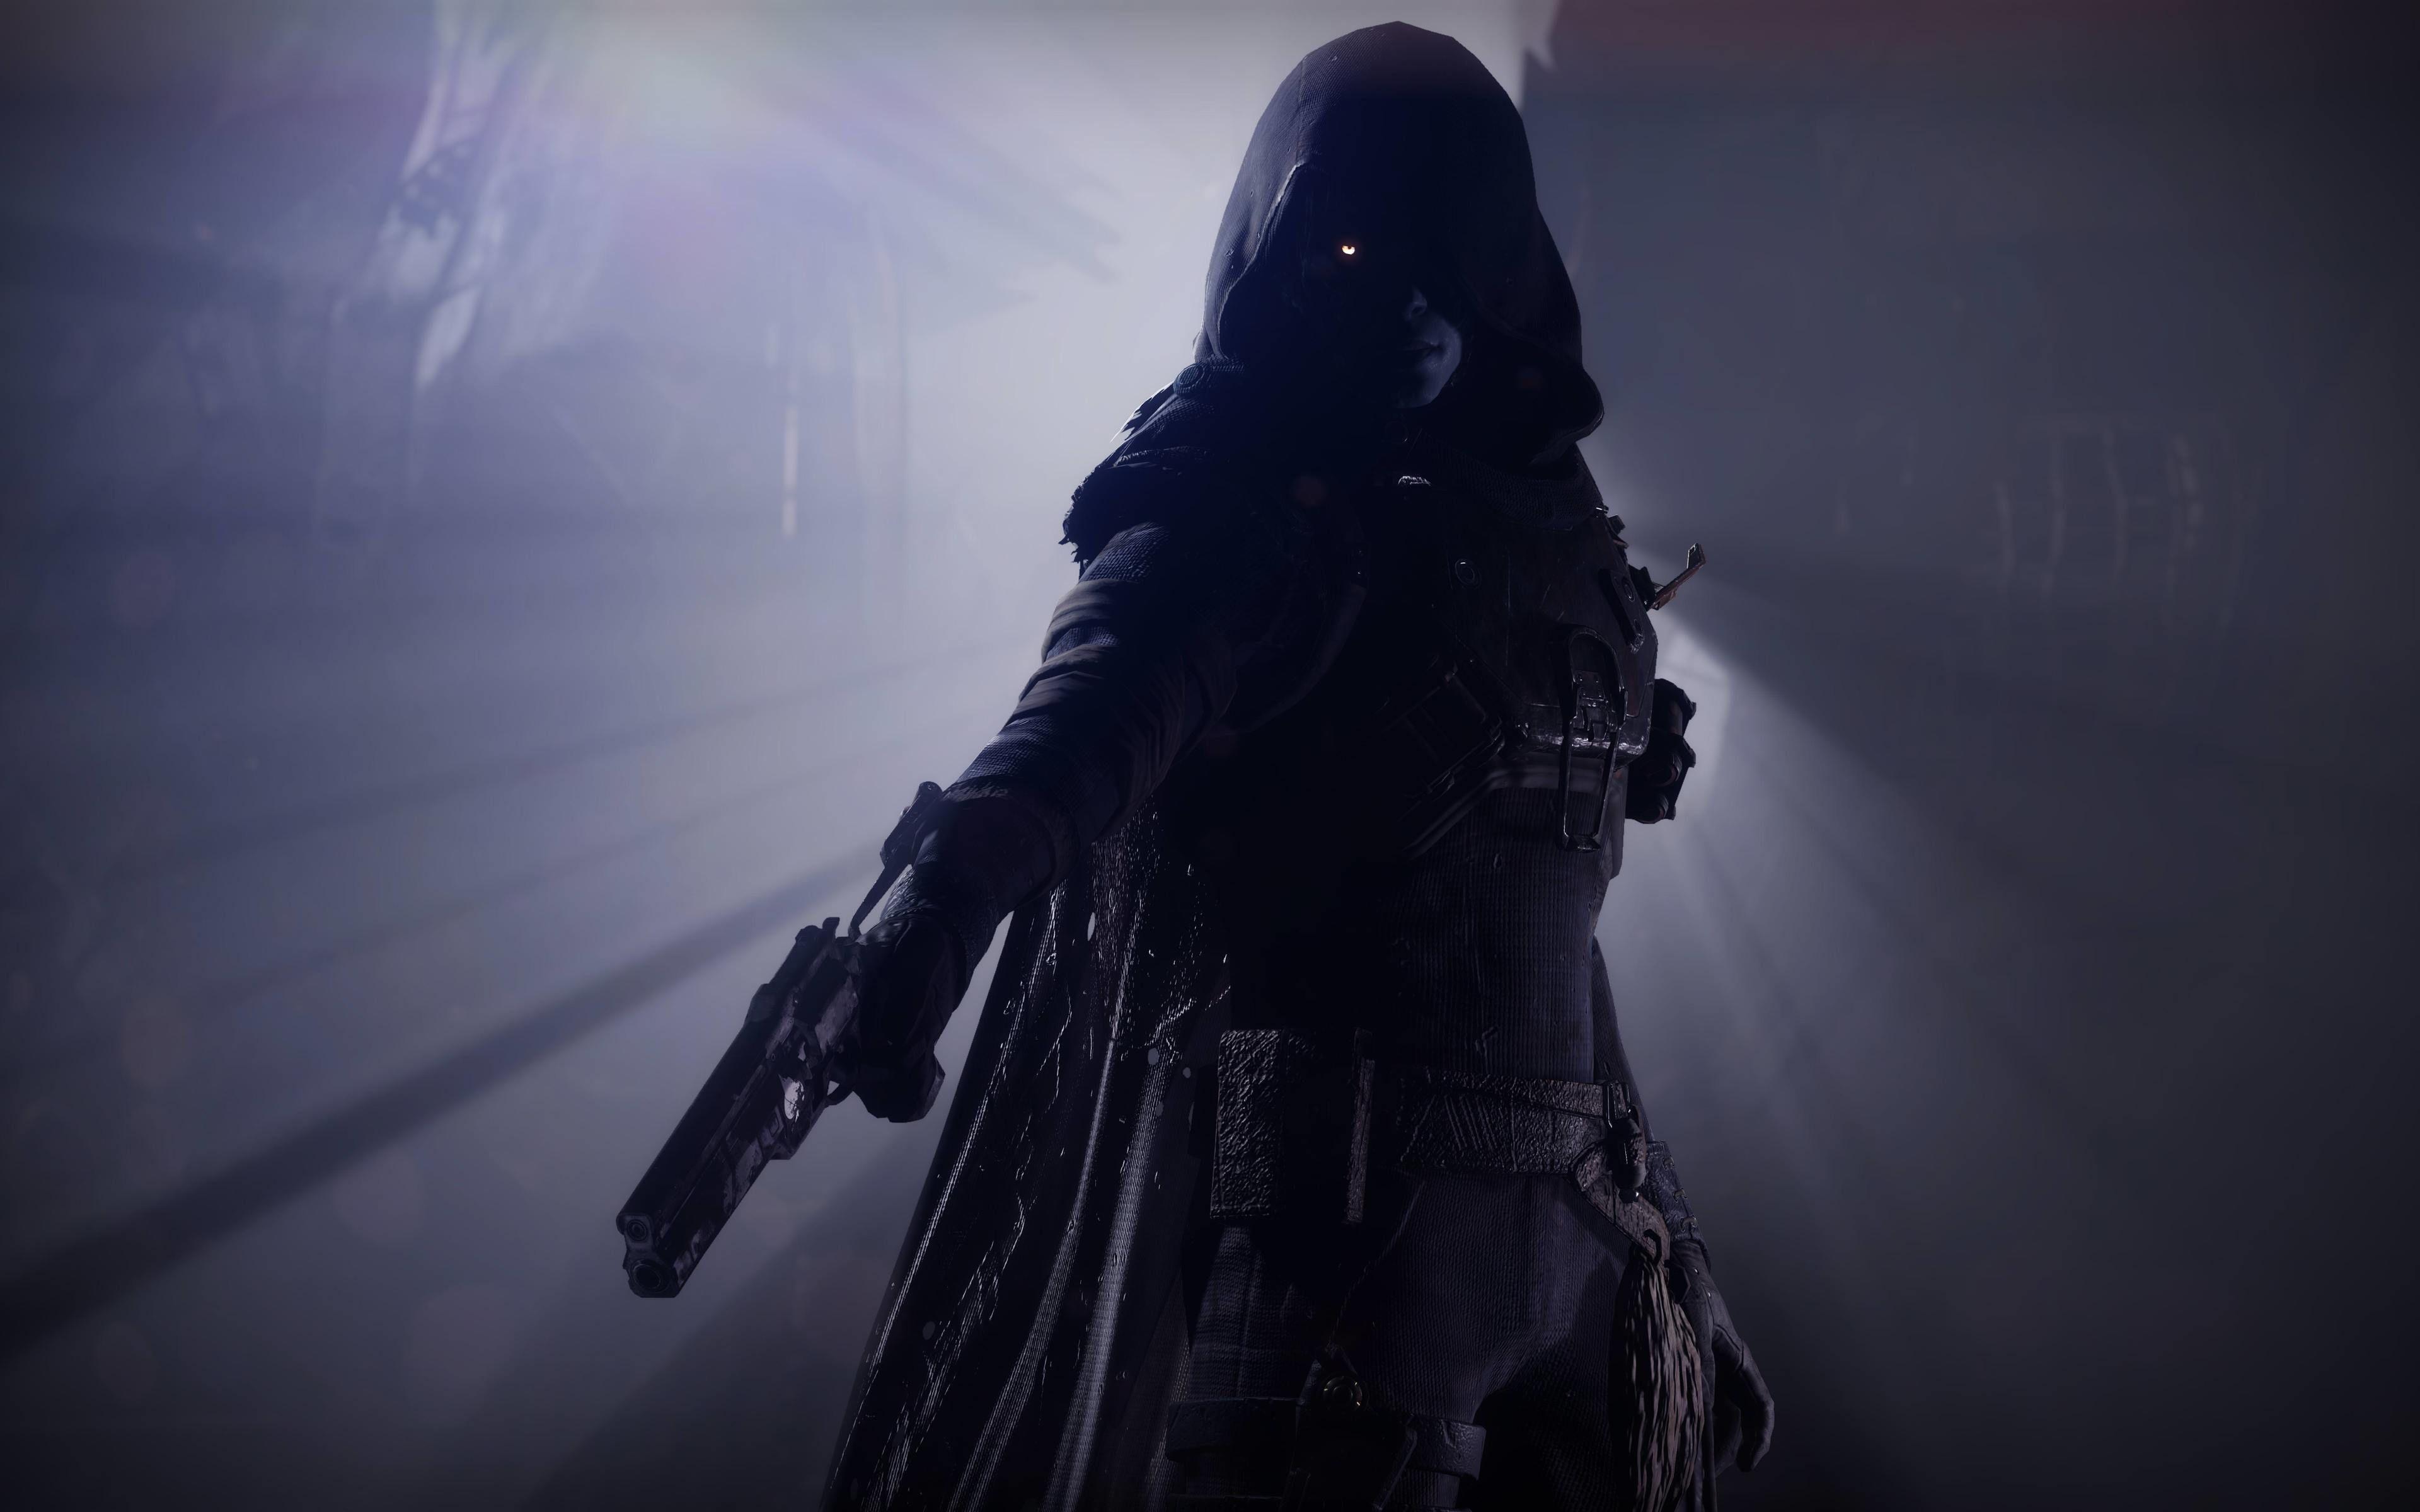 Destiny 2 Forsaken Uldren 8k 4k Wallpaper 8k Wallpaper Destiny